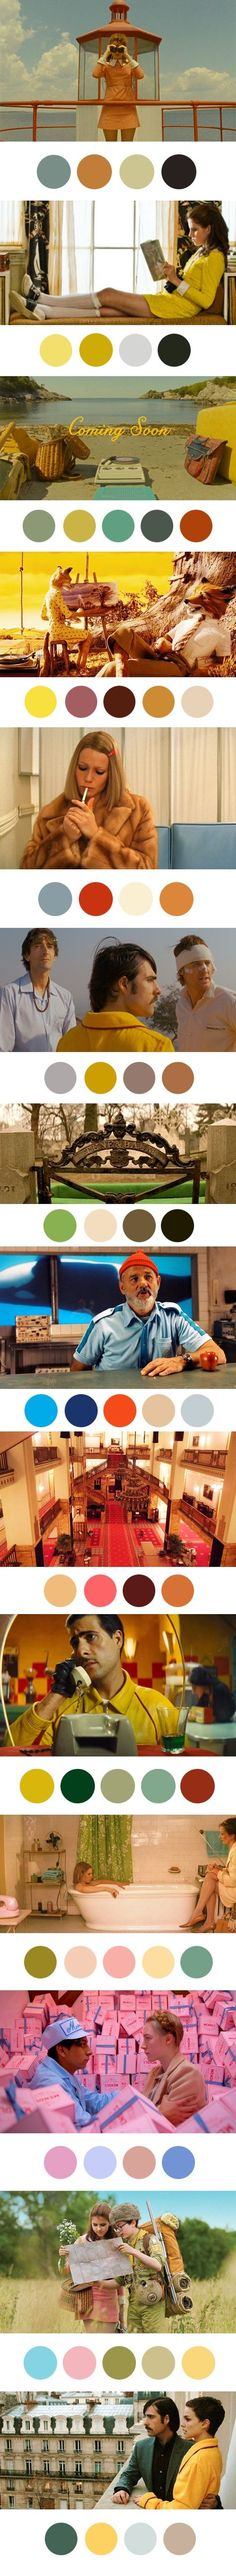 Wes Anderson - Paleta de colores utilizadas en sus películas. • Me gusta mucho la combinación de colores y tonos que utiliza; genera un ambiente muy cálido en las diferentes escenas.